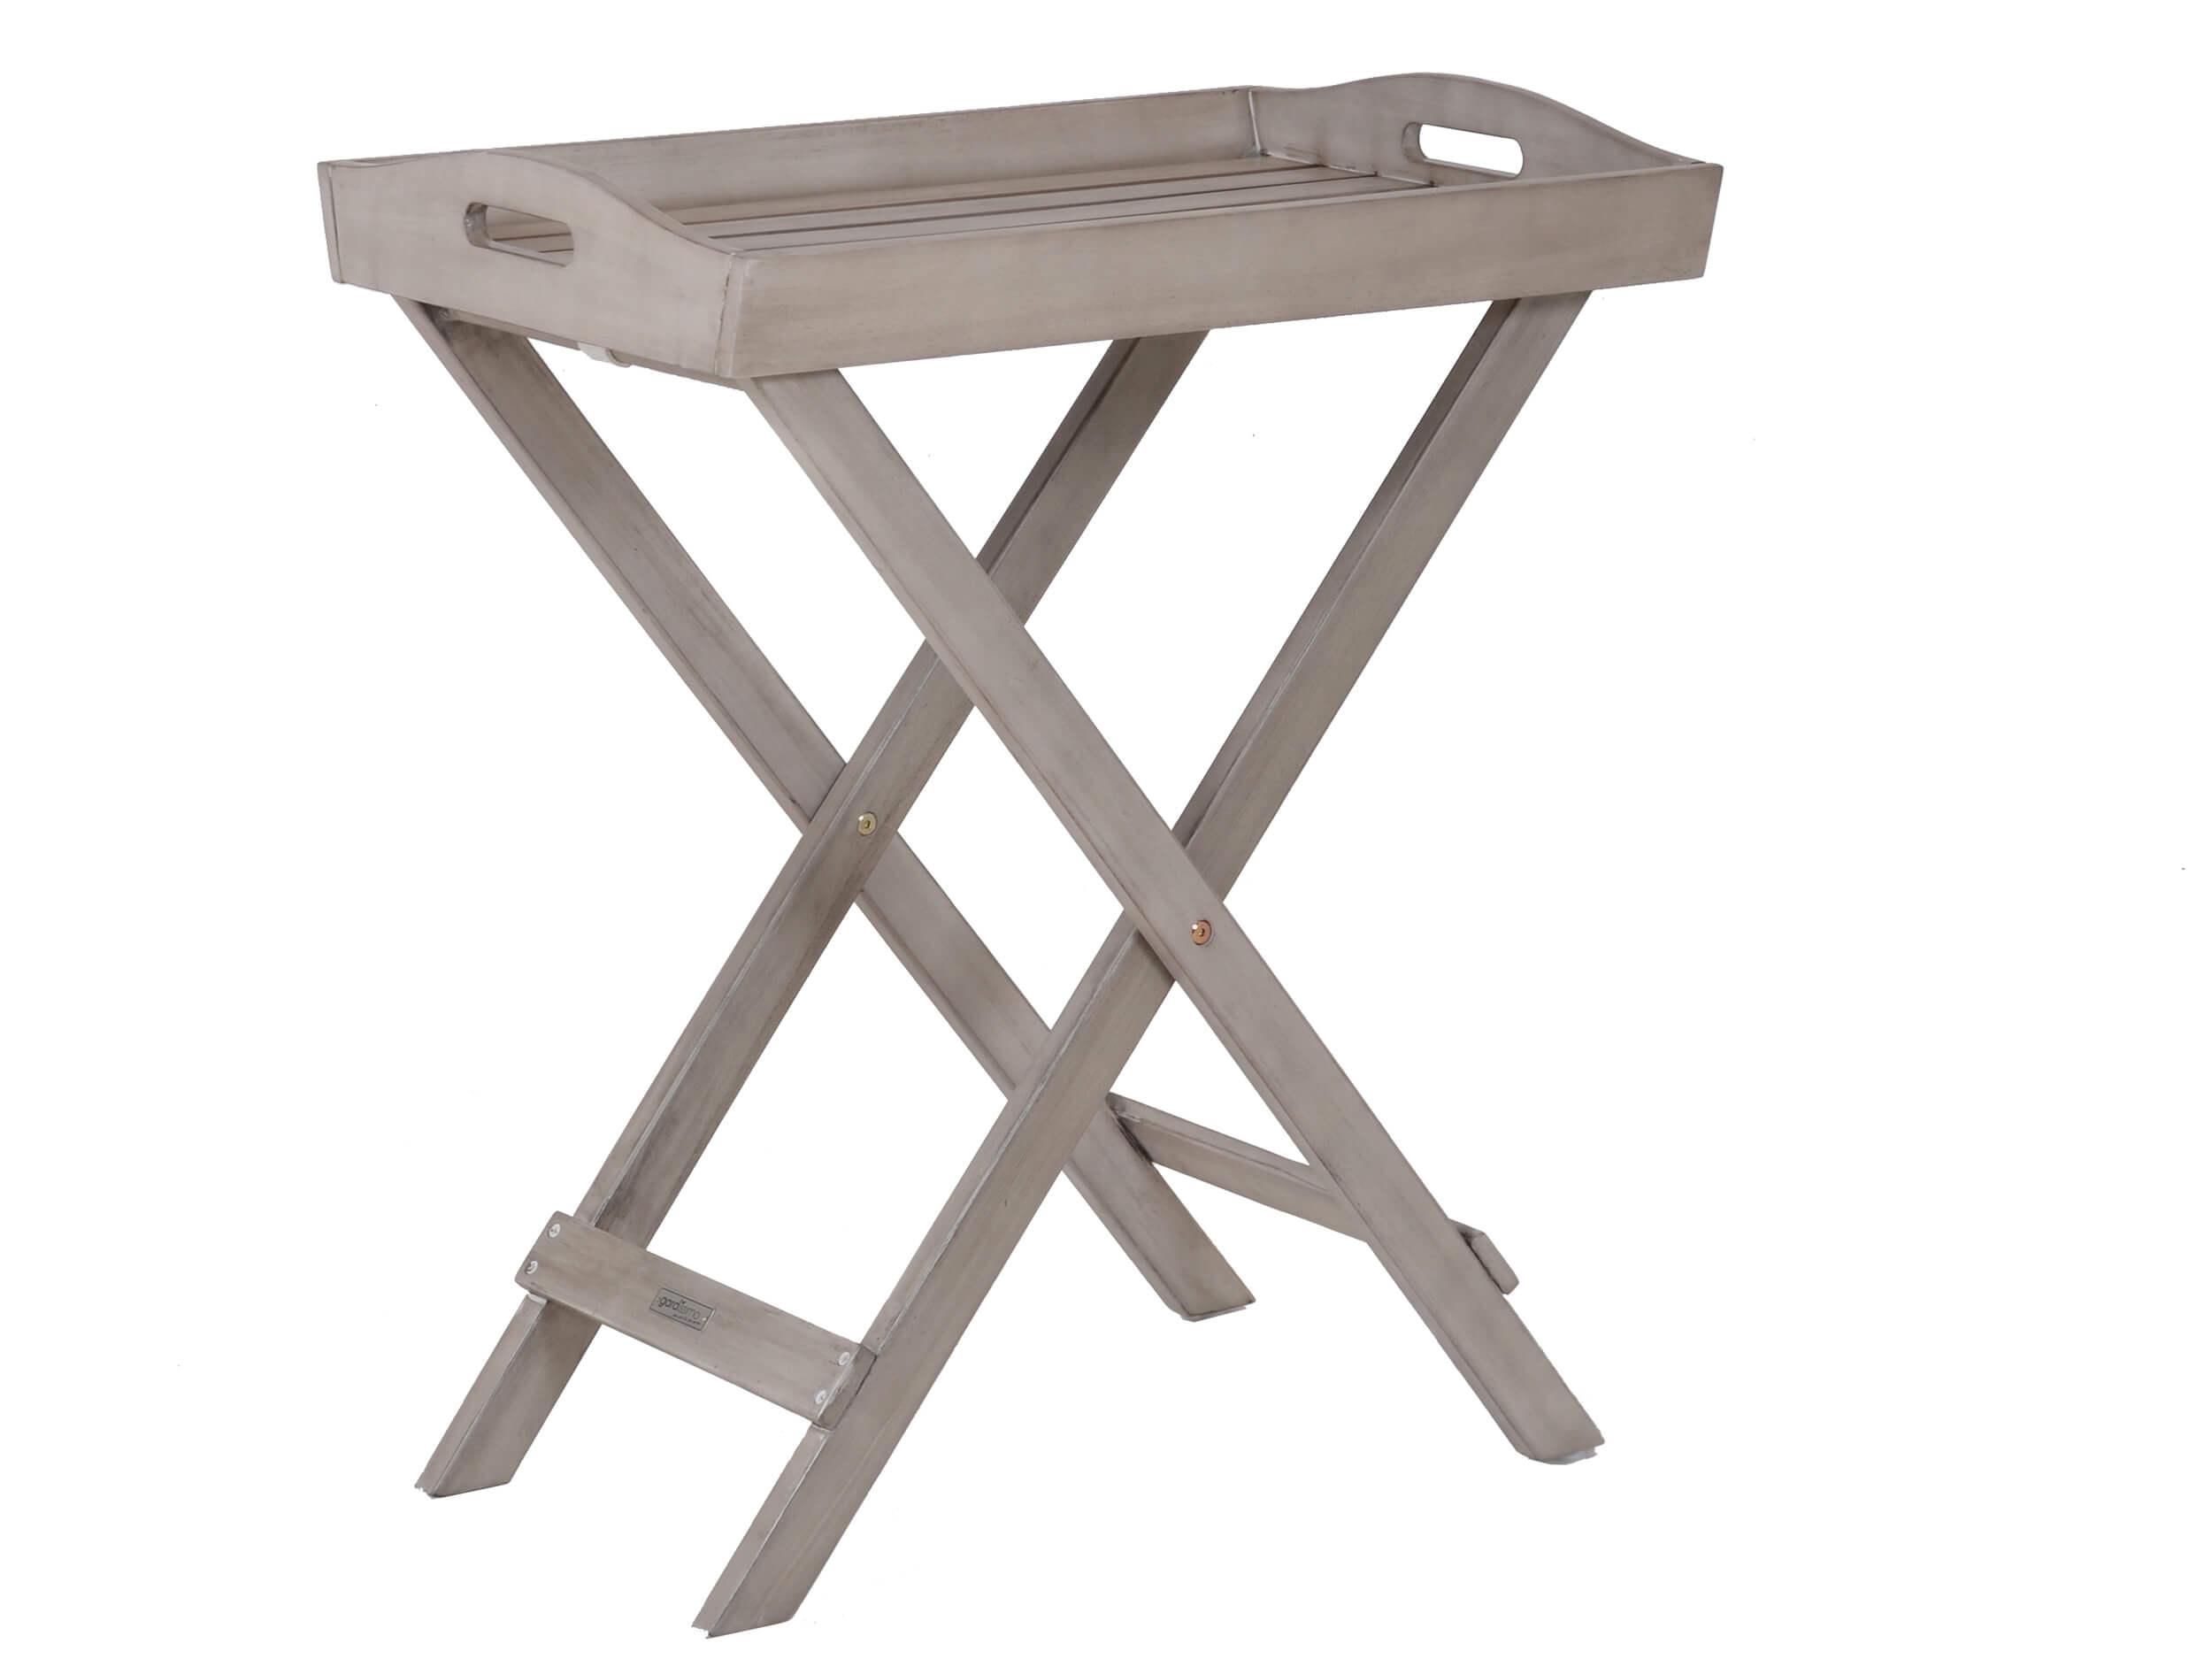 kleiner balkontisch holz great greemotion toulouse in wei balkontisch zum einhngen aus metall. Black Bedroom Furniture Sets. Home Design Ideas